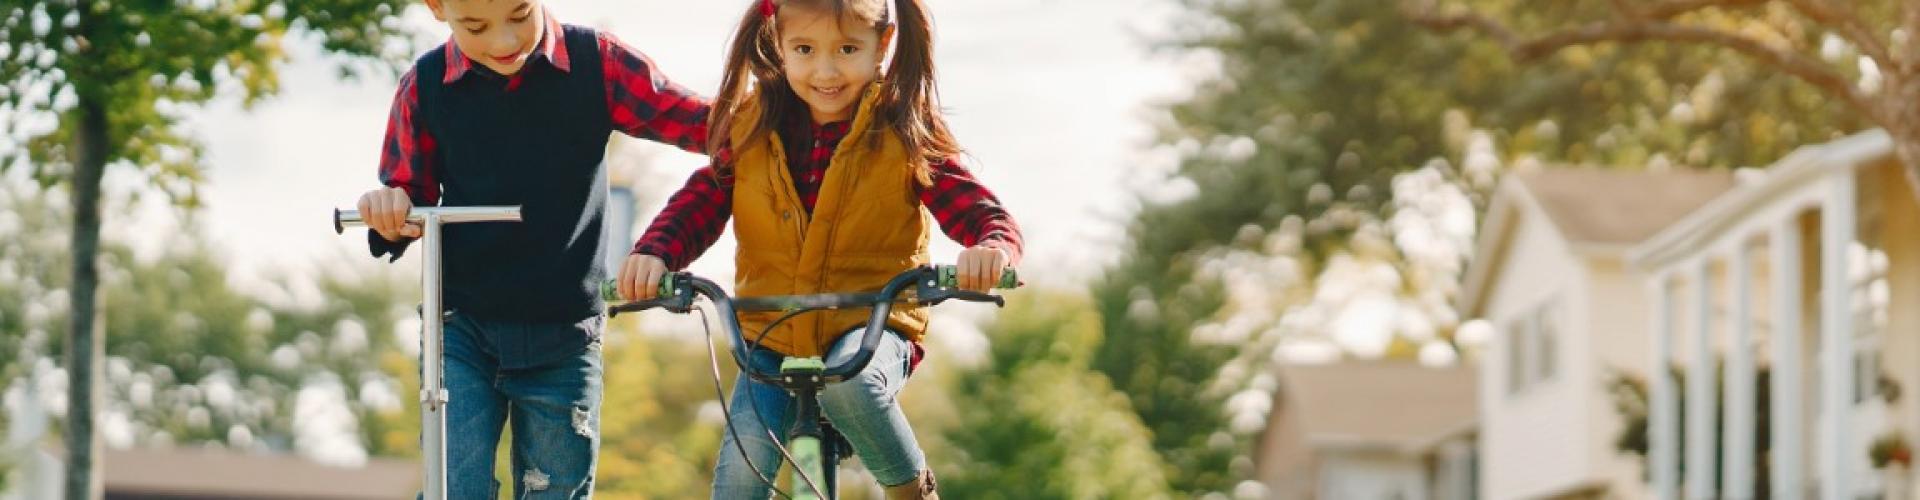 5 dolog, hogy miért sportoljon a gyermeked?